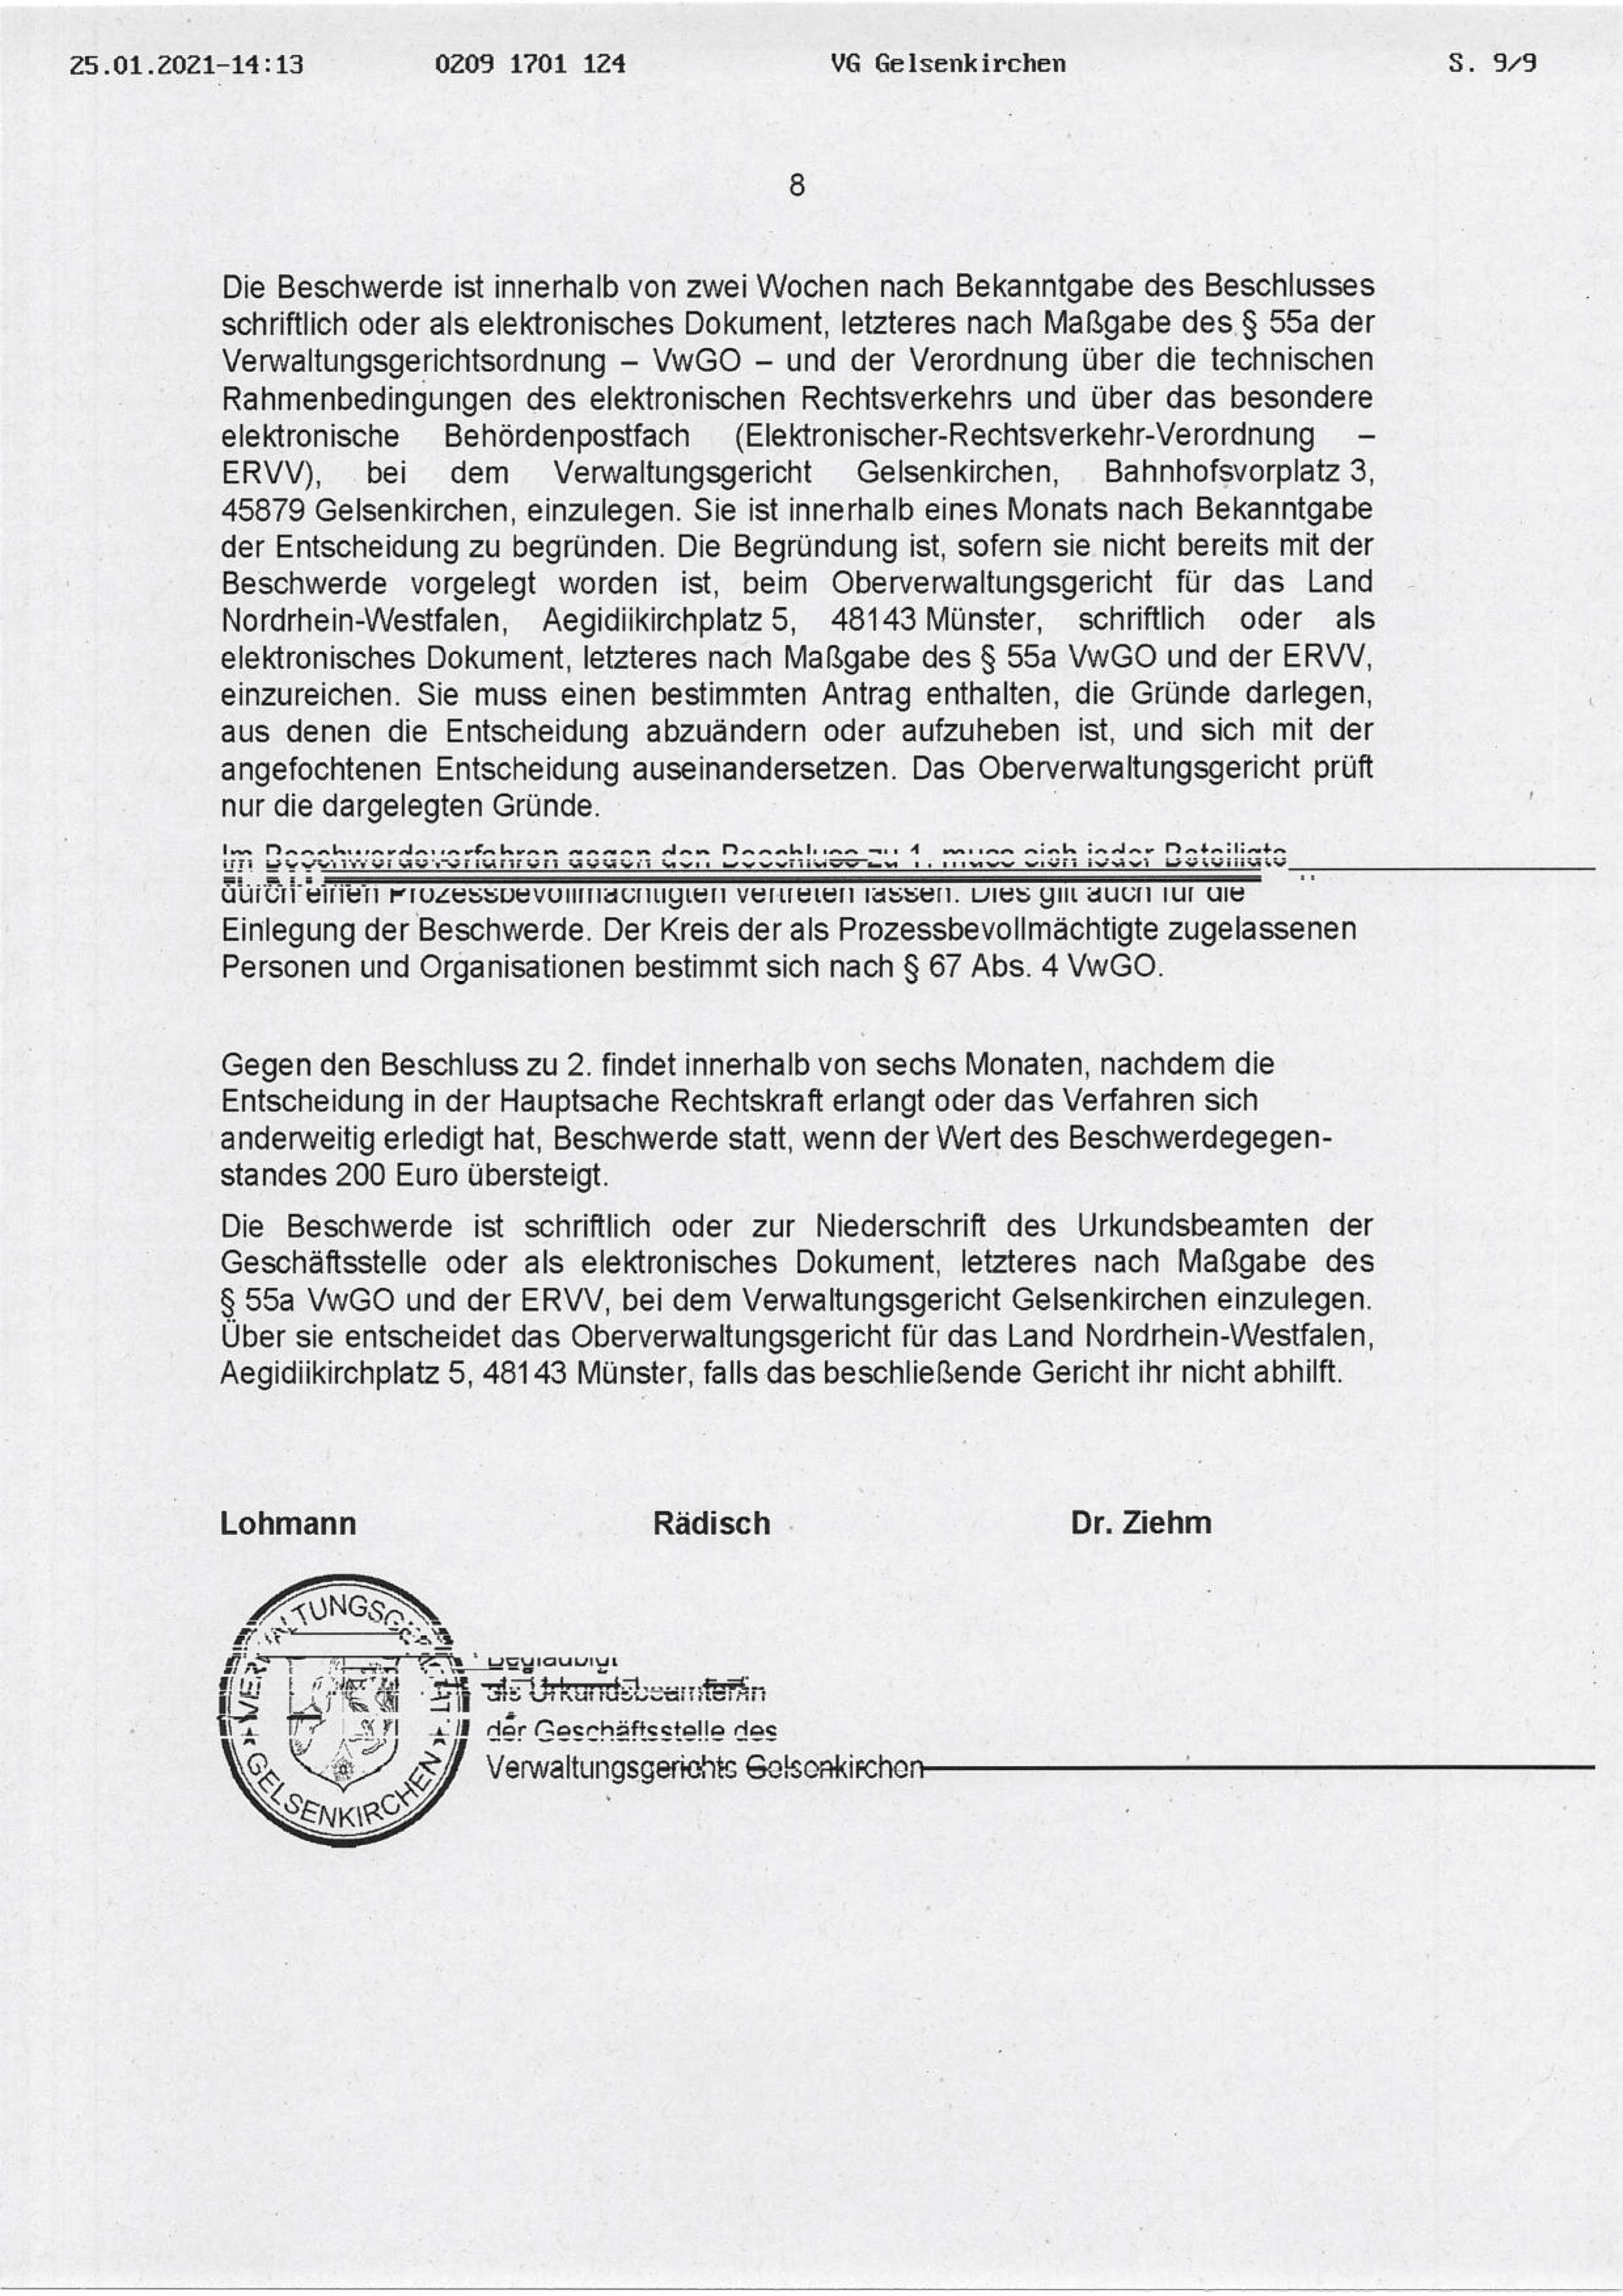 """Beschluss (VG Gelsenkirchen 25.01.2021) in der Sache Fraktion """"Die Partei und Stadtgestalter"""" gegen den Rat der Stadt Bochum, hier: Seite 8/8 (bzw. 9/9)"""